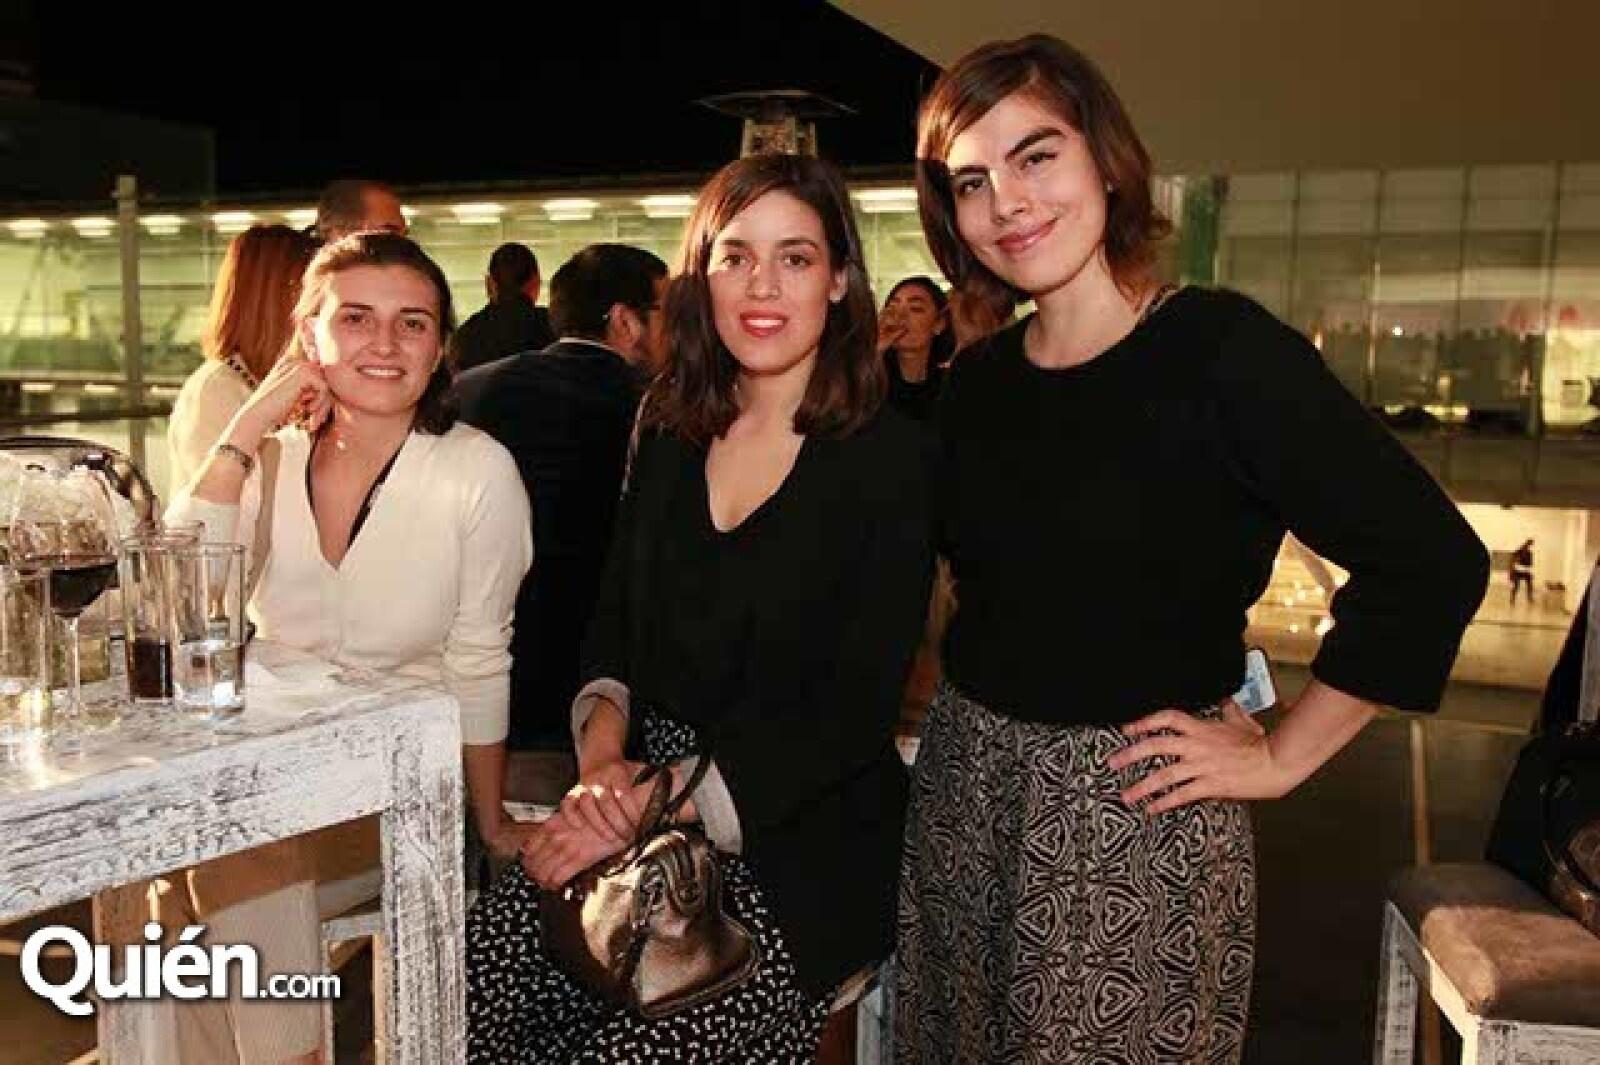 Sofía Álvarez,Carlota Sánchez y Anette Olavarrieta